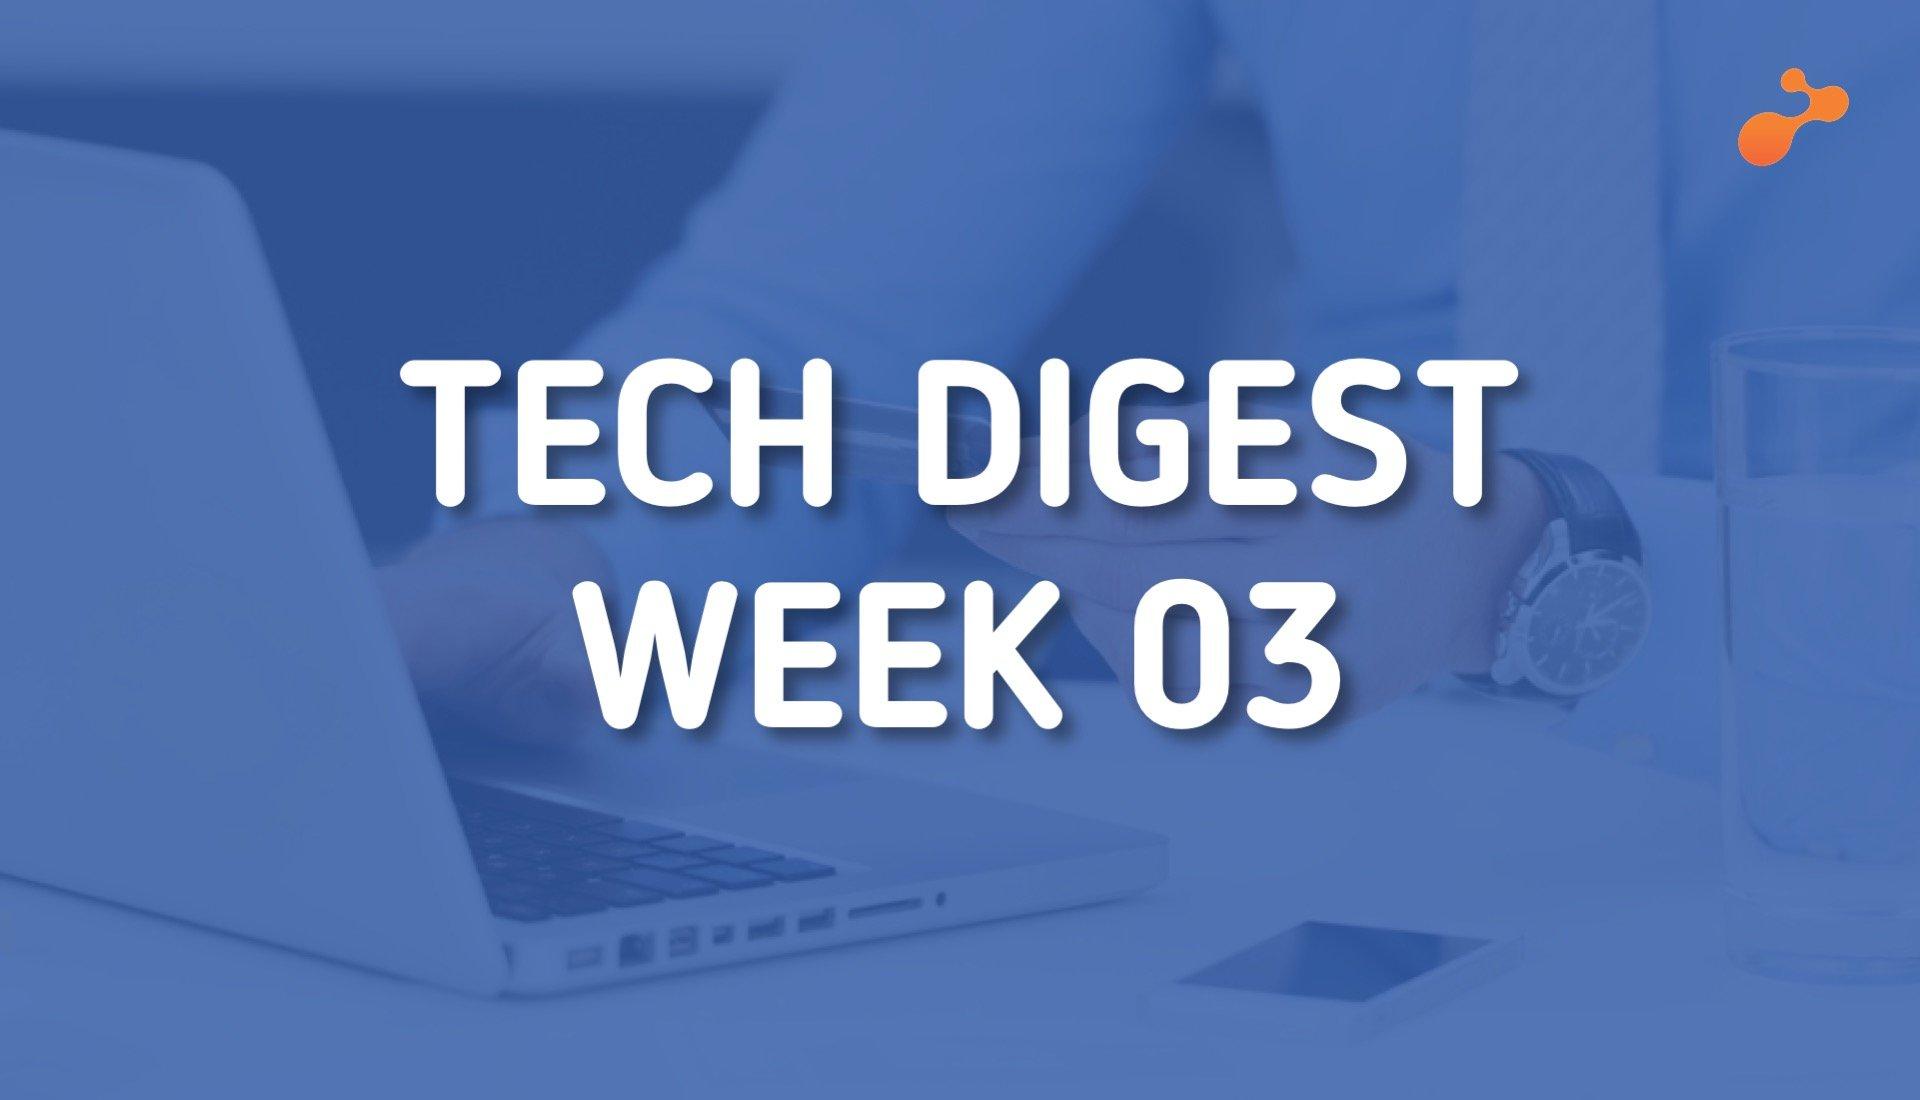 Tech Digest - Week 03, 2019